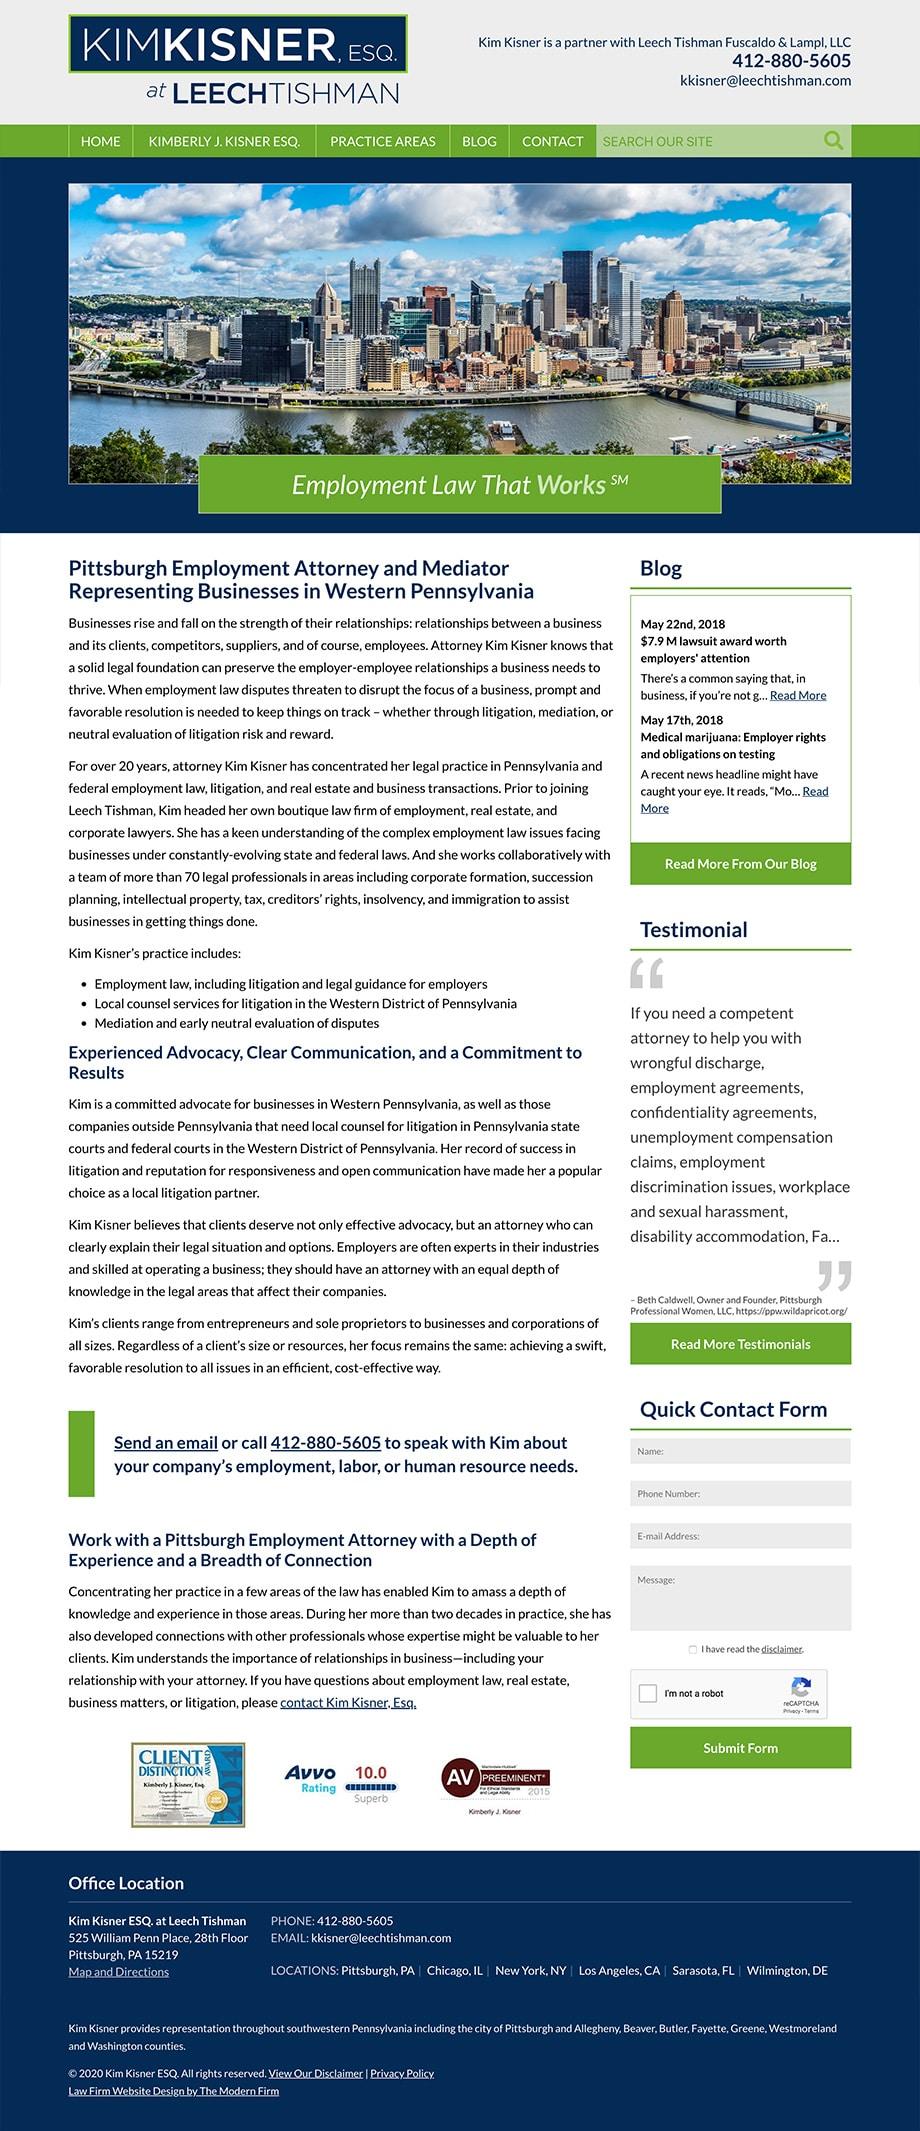 Law Firm Website Design for Kim Kisner ESQ. at Leech Tishman